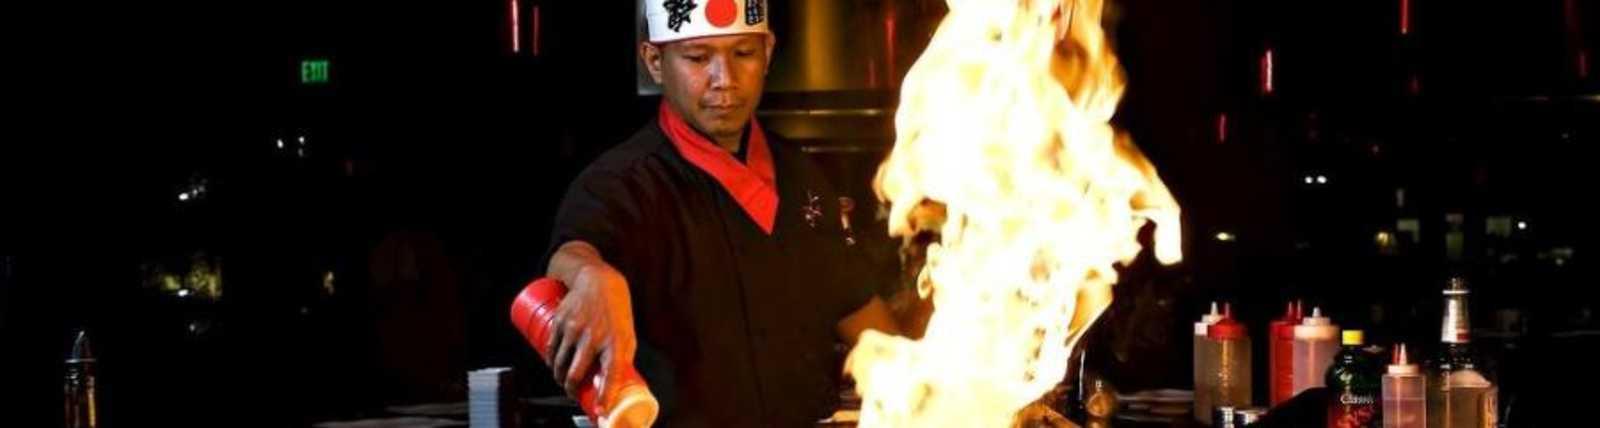 Mizu_Japanese_Steak_House-5.JPG